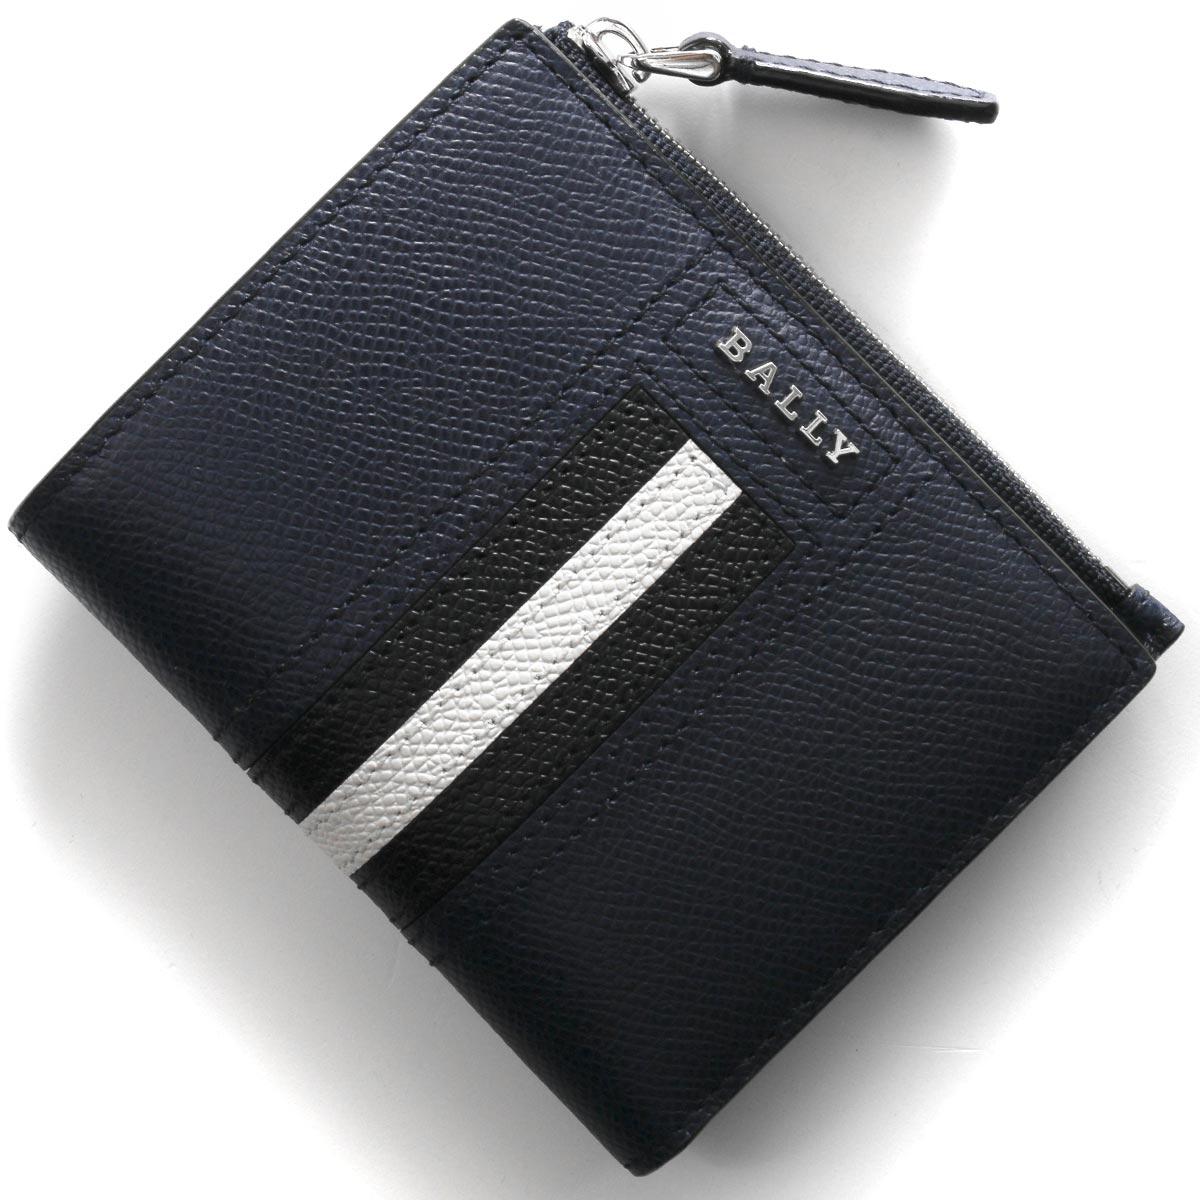 バリー 二つ折り財布 財布 メンズ レディース トゥナー ニューブルー&ブラック TUNNER LT 17 6229037 2019年秋冬新作 BALLY